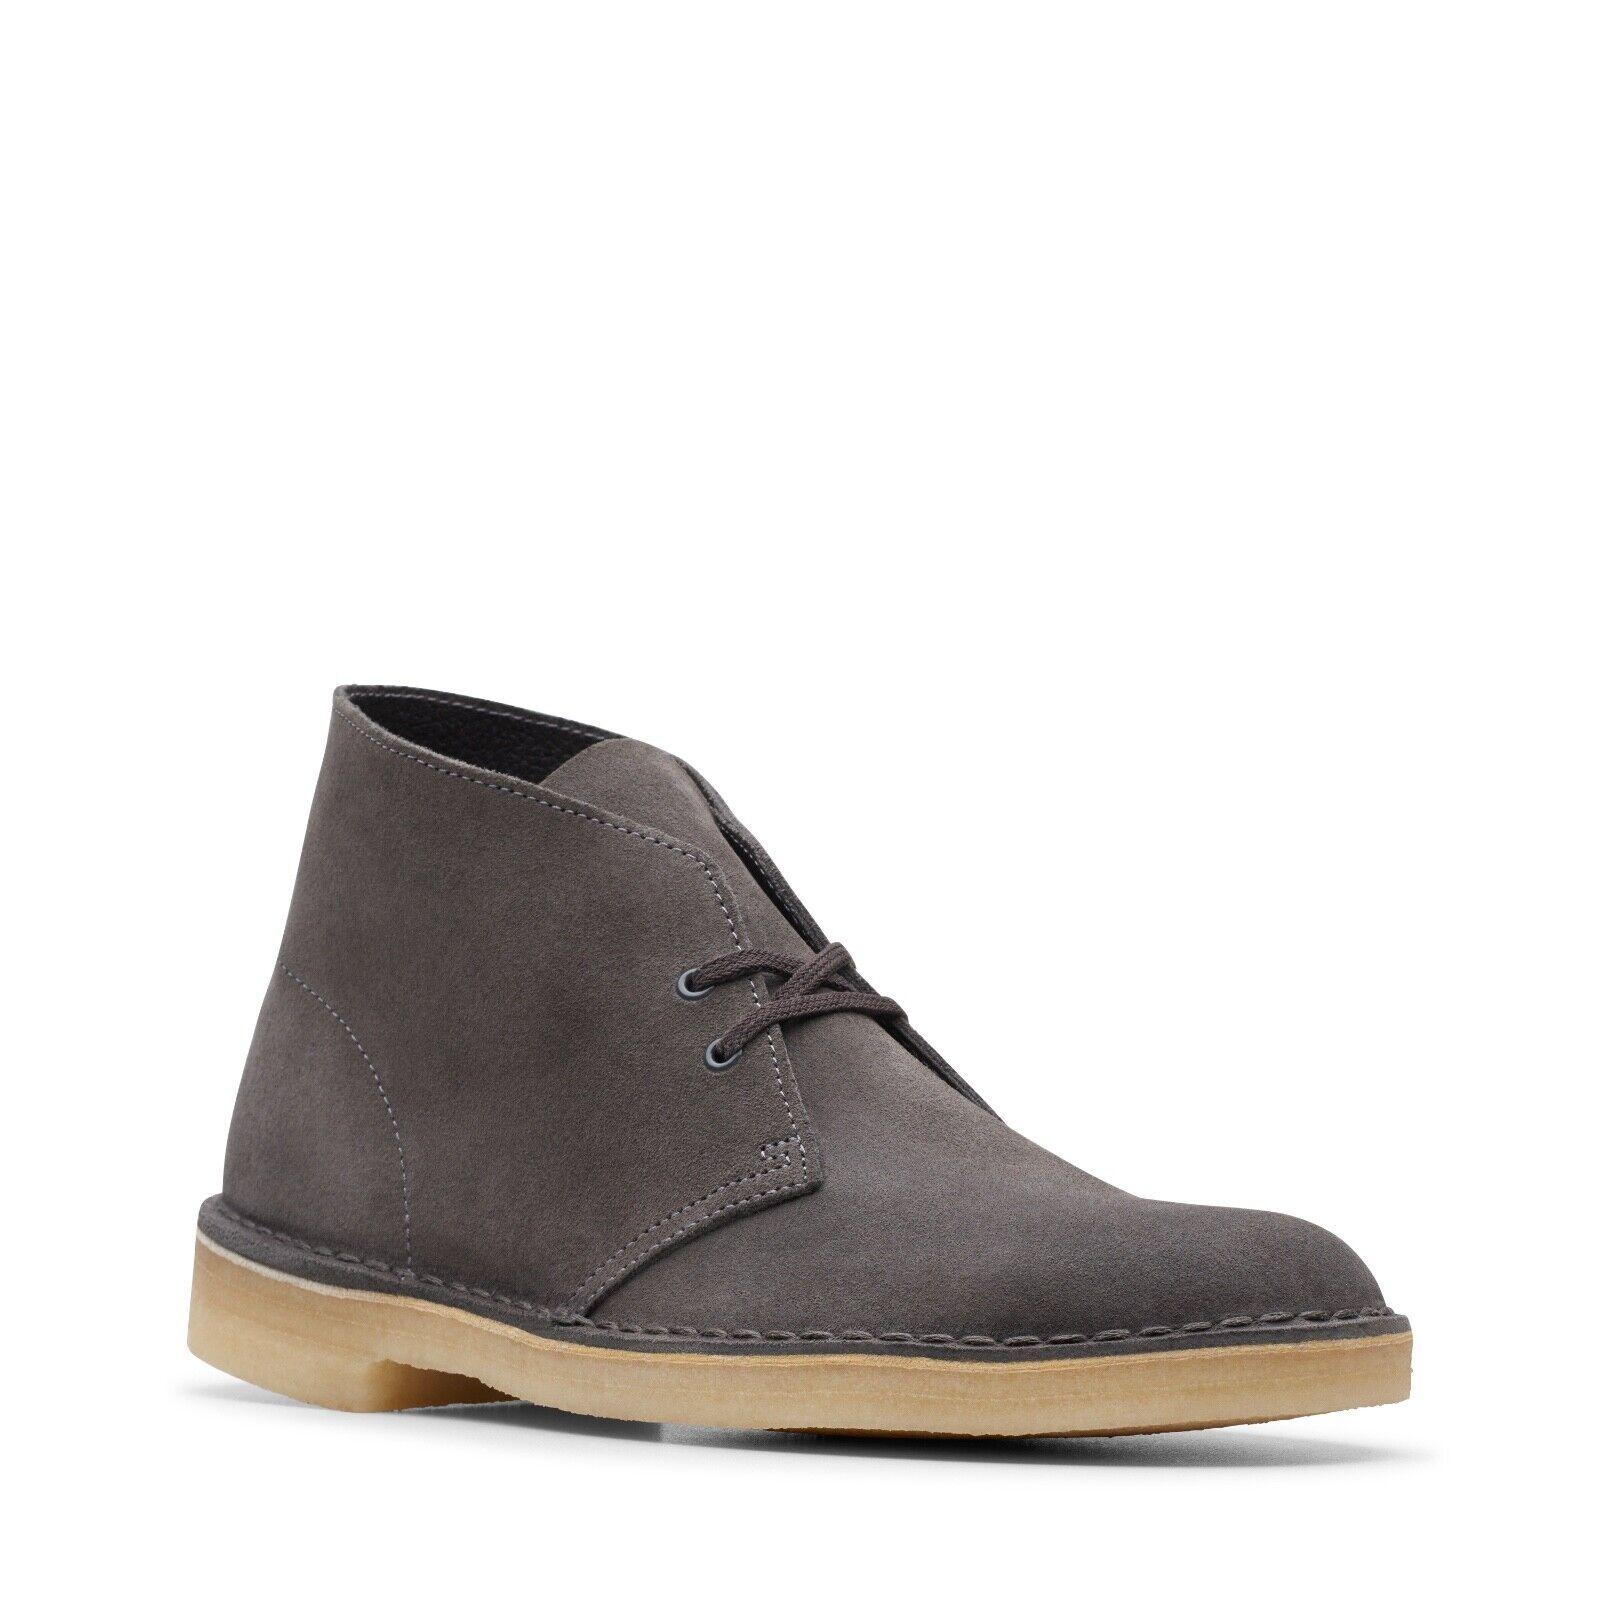 Clarks Originals Men's Desert Boots Slate Grey Suede 26144232